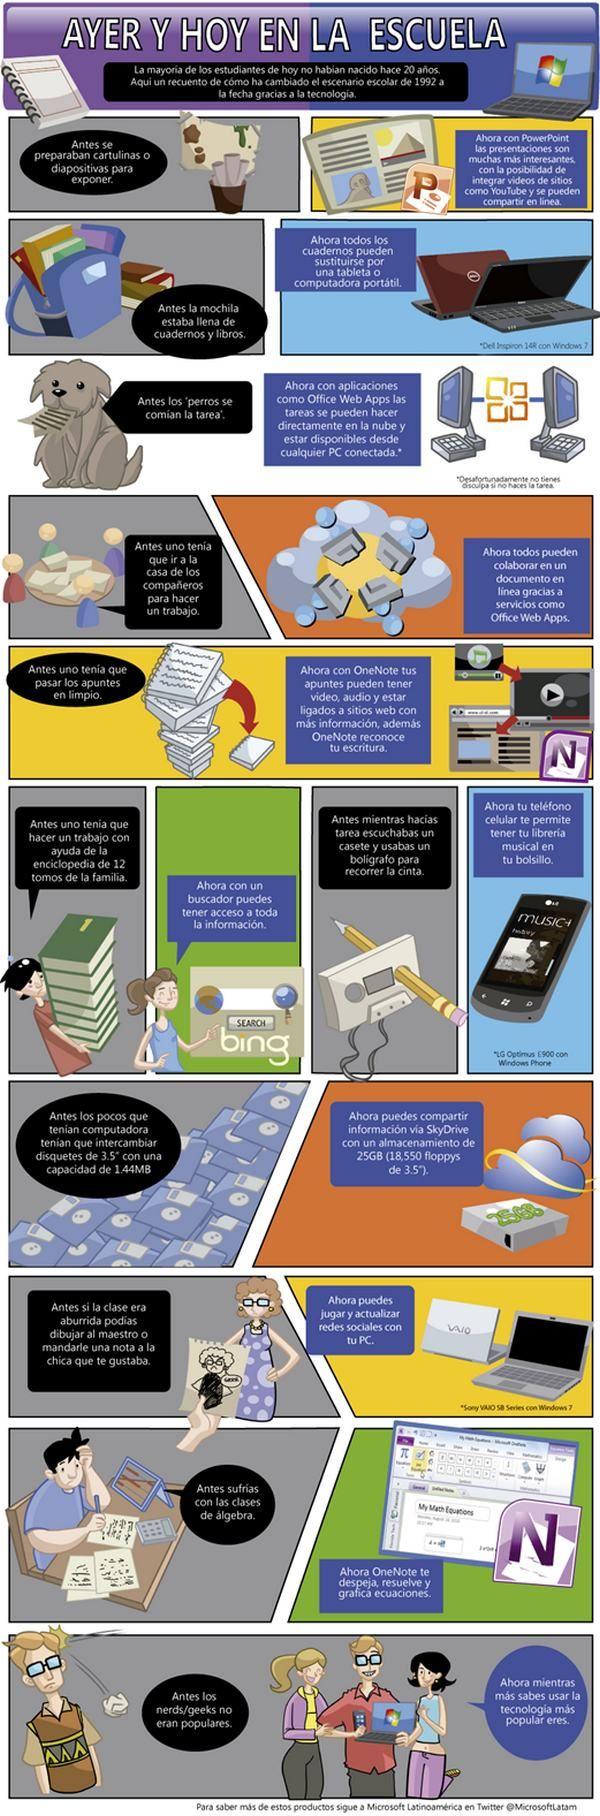 """Theme #2 : Science and Technology / La ciencia y la tecnología Los efectos de la tecnología en el individuo y en la sociedad. Como te ha cambiado la tecnologia a ti y a tu familia? Es la tecnologia igual a la tecnolgia de cuando tu estabas en la escuela primaria? Como ha cambiado tu vida y la de tu familia? Como ha cambiado tu manera de escuchar musica? de comunicarte con tus amigos? En Wordle.com haz una """"nube de conceptos e ideas"""" de como usabas la tecnologia hoy y en el 2000."""